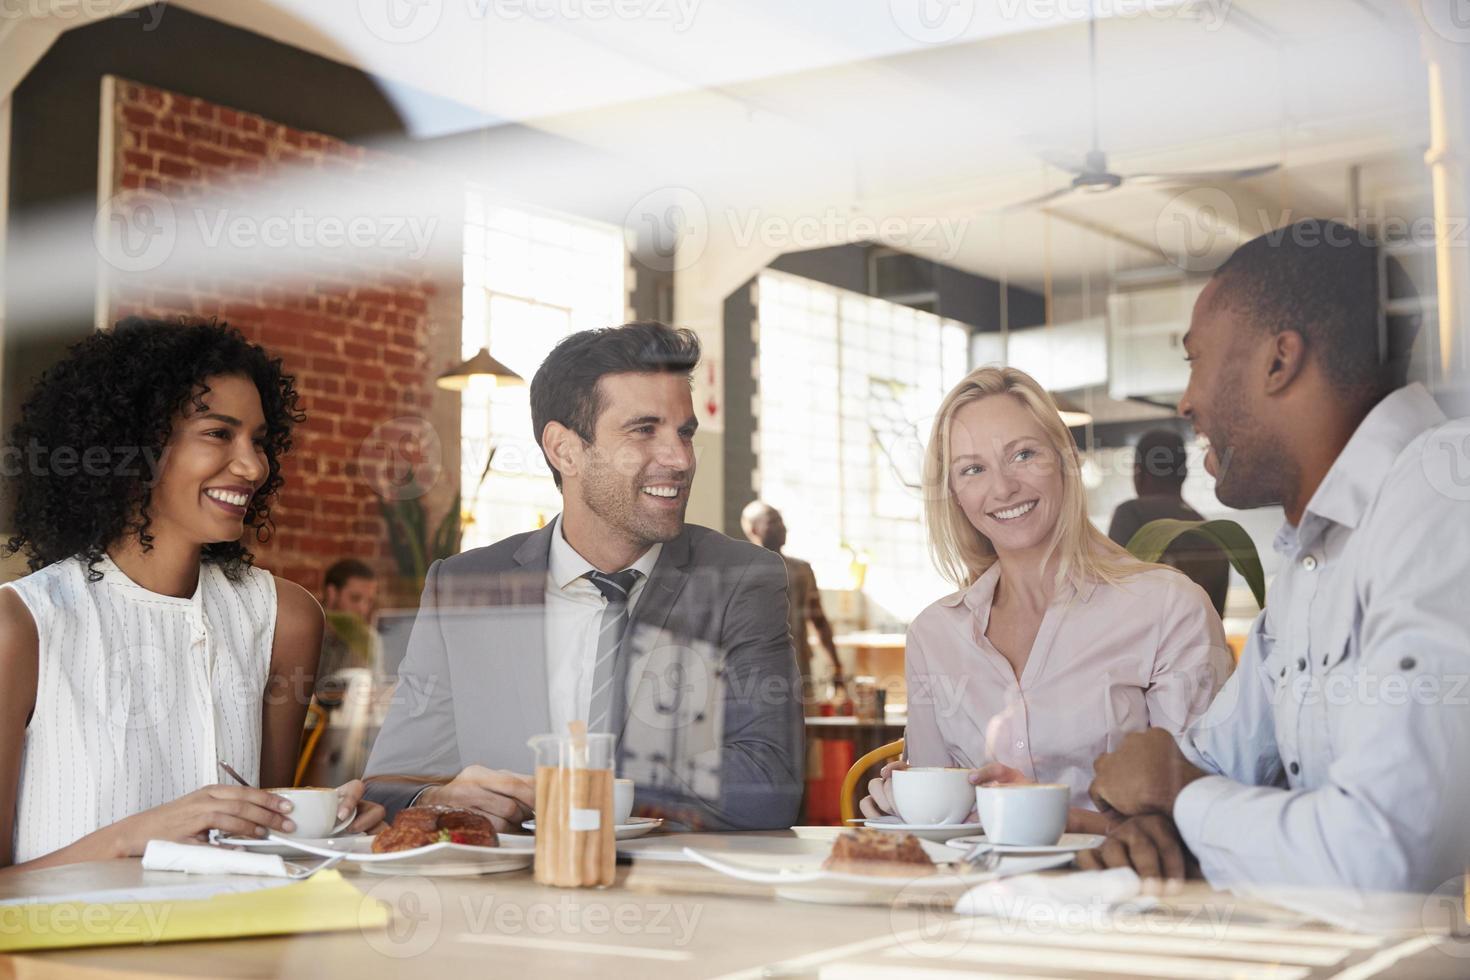 empresarios reunidos en la cafetería dispararon a través de la ventana foto